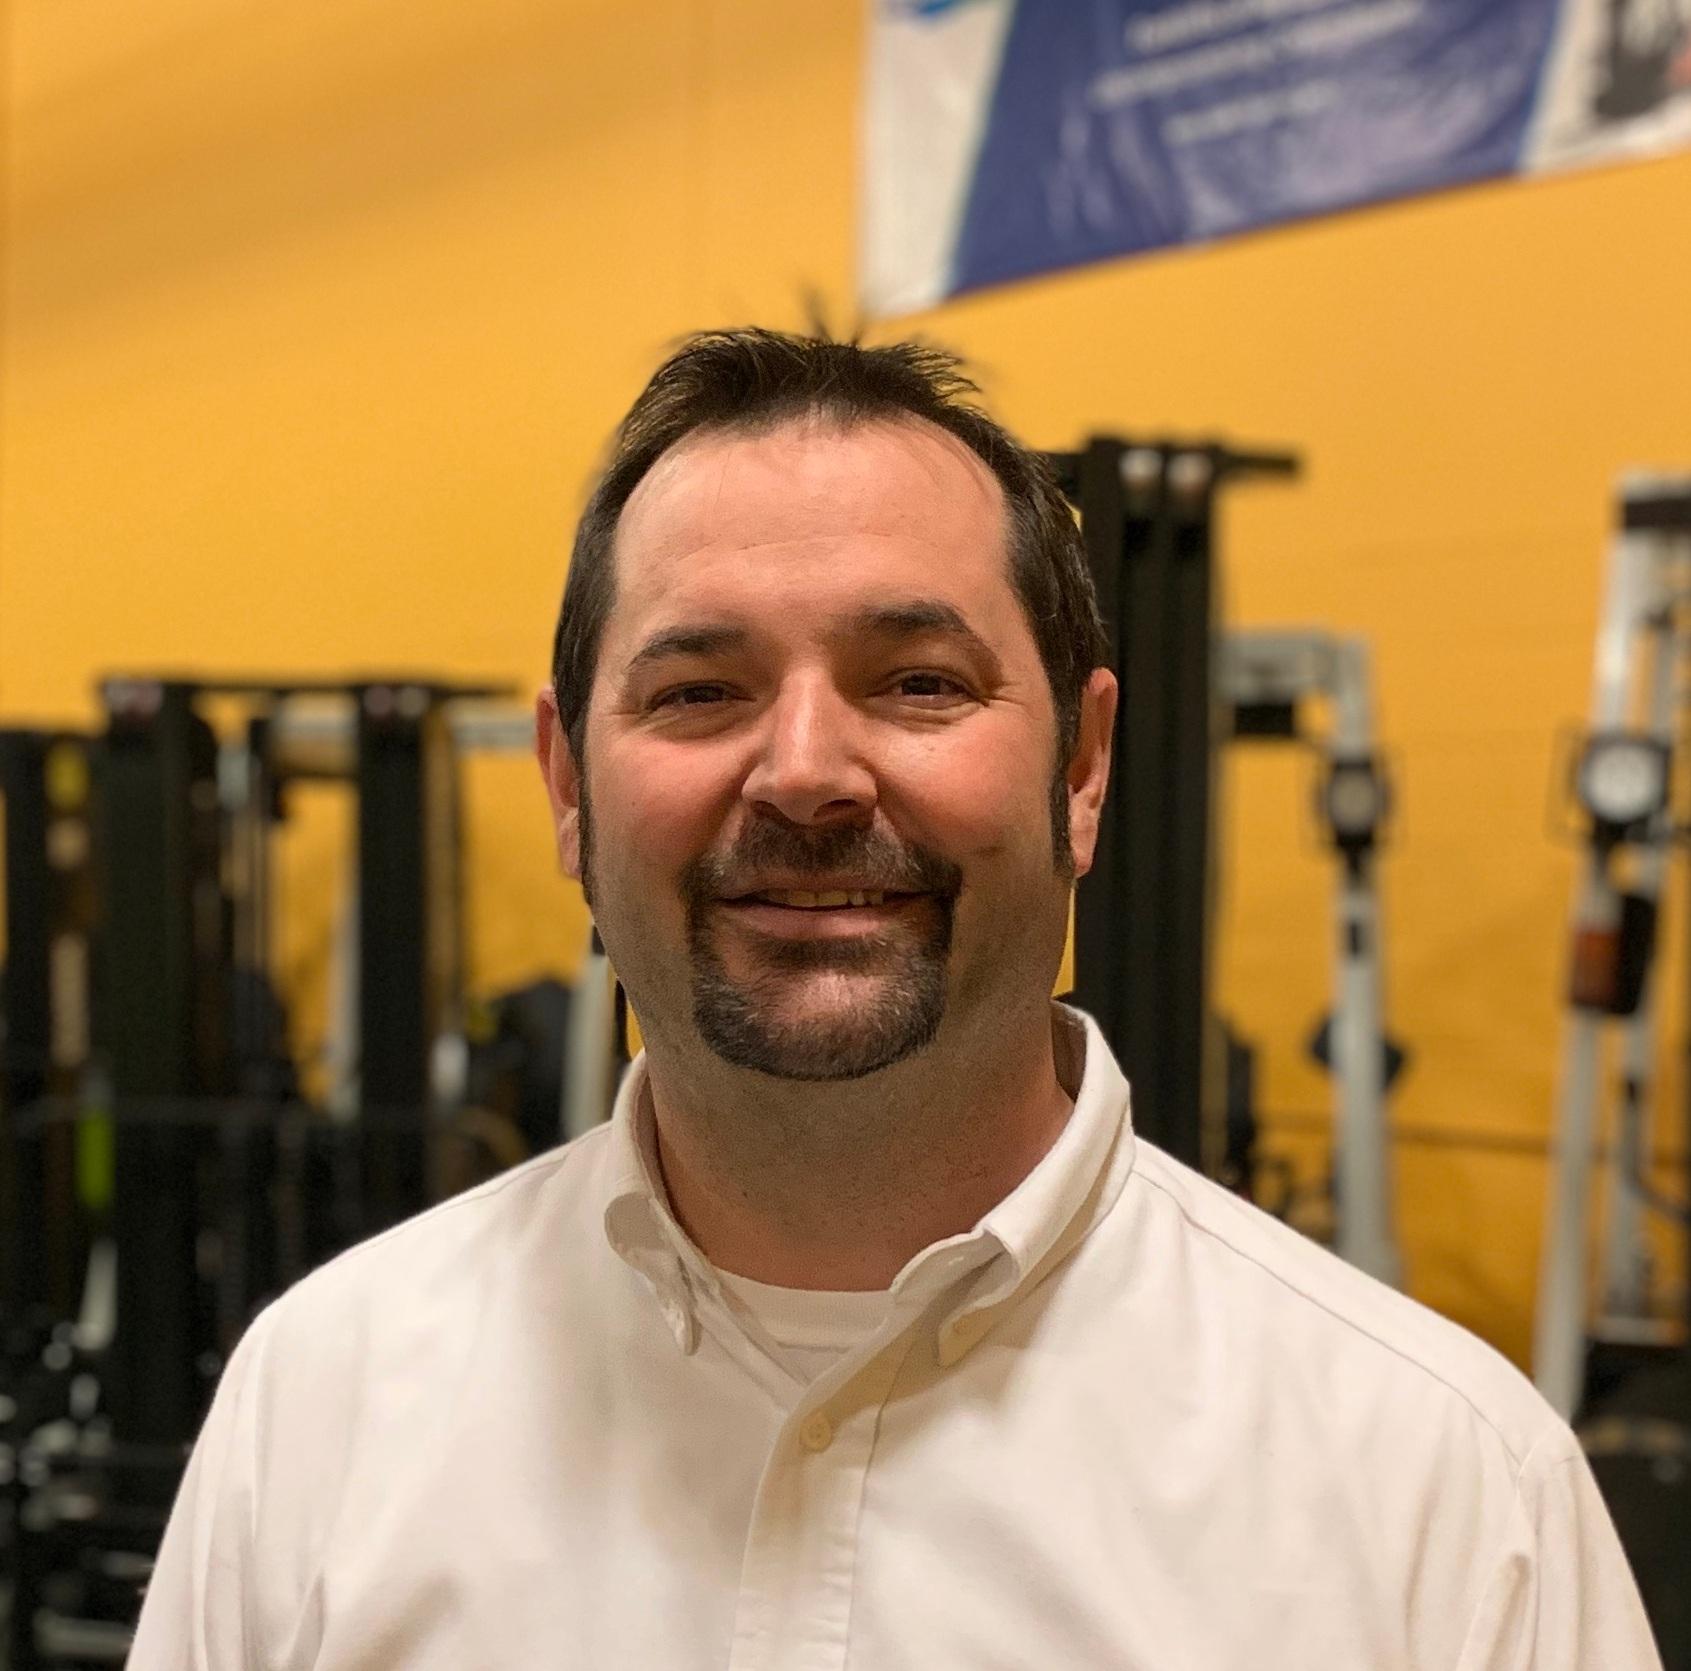 Matt Whalen - - FOM Since: 2003Phone number:(952) 887-5452Email address:mwhalen@forkliftsofmn.com